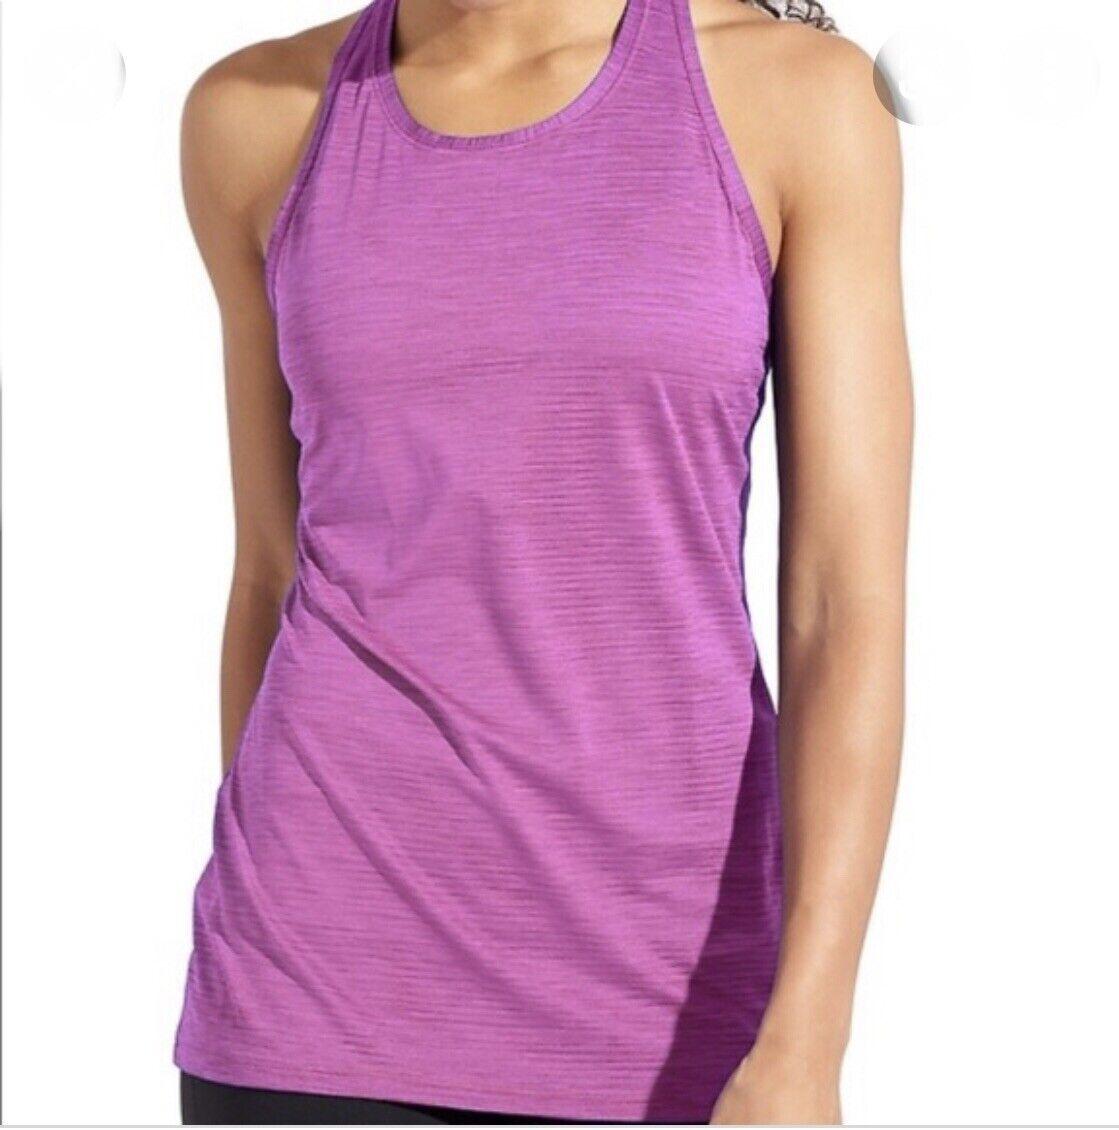 Athleta Hoher Kragen Chi Tank Schatten Streifen KLEIN S Pink Top Hemd